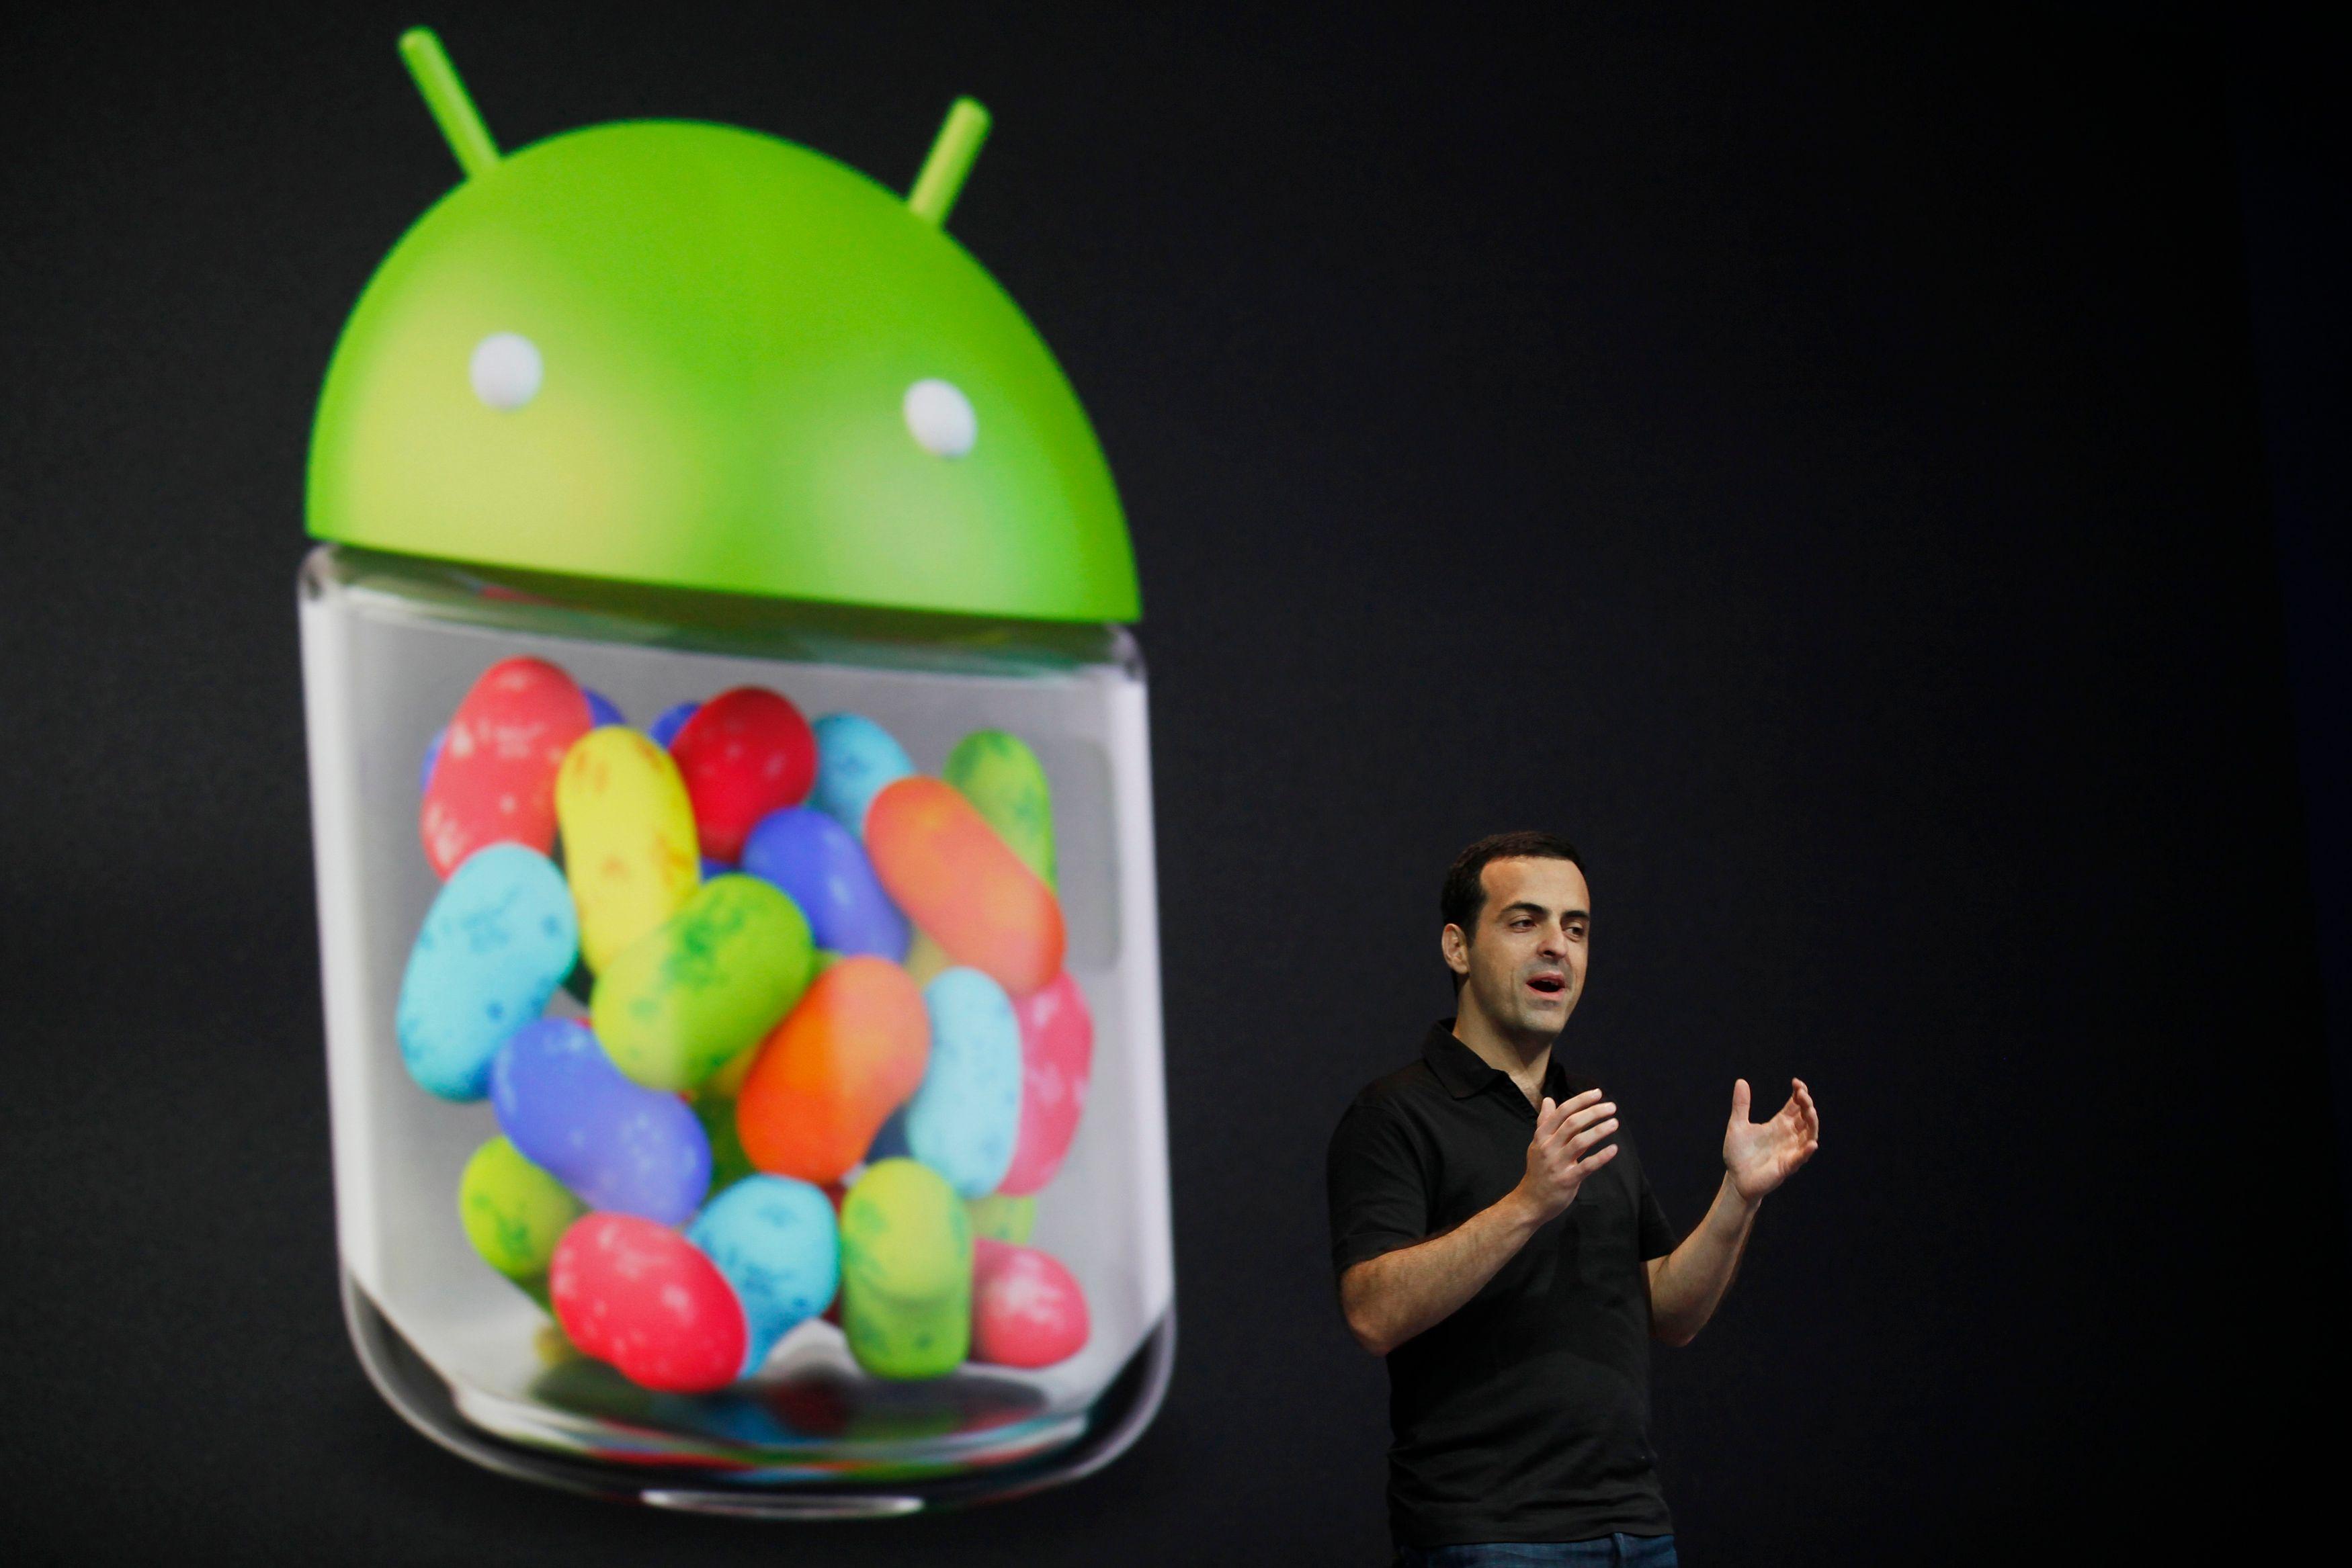 99% des attaques de virus sur des smartphones ont eu lieu sur des systèmes Android.